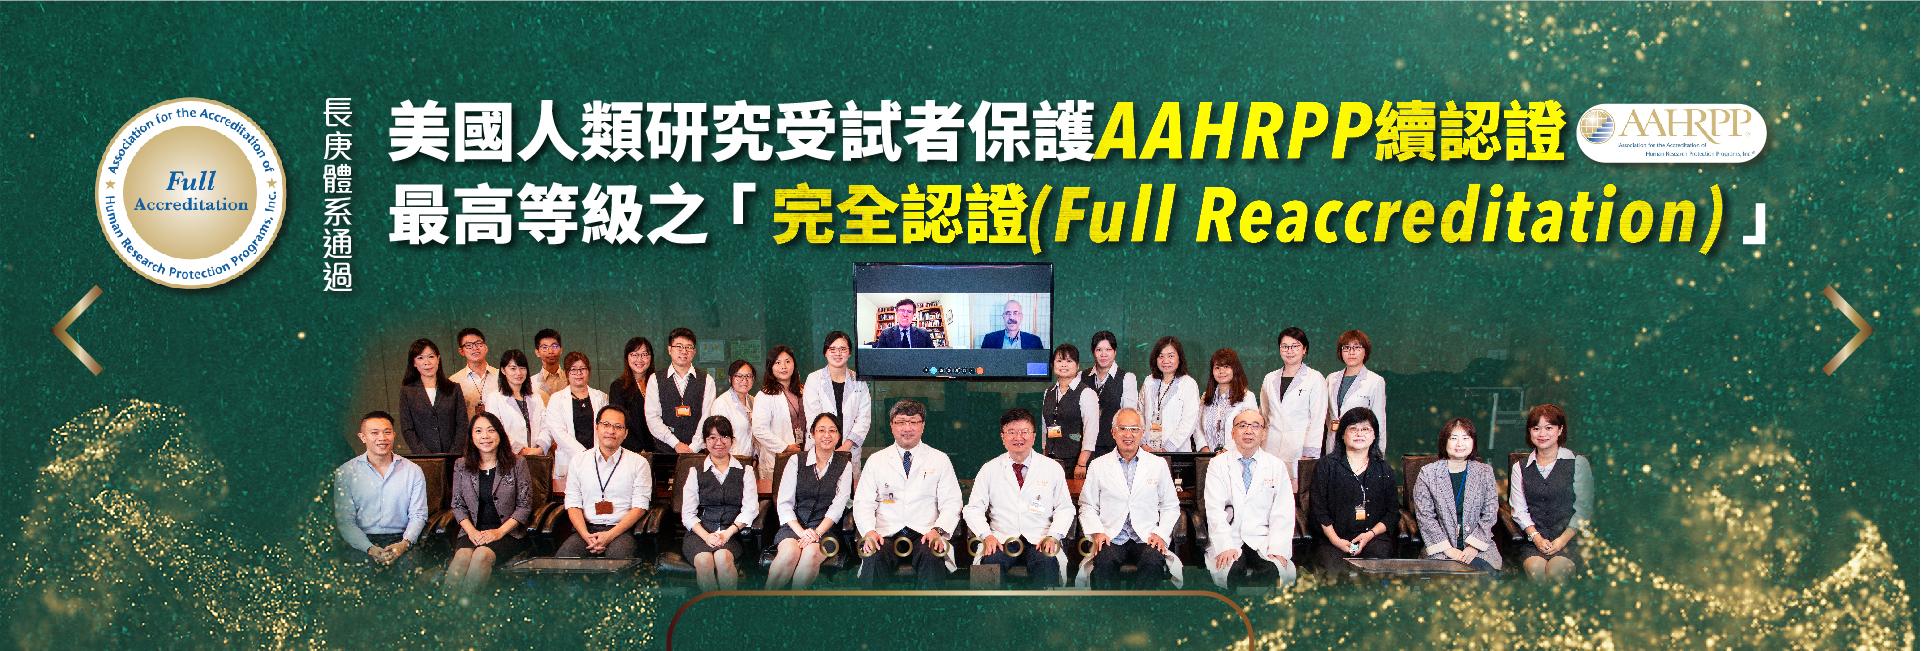 本體系通過AAHRPP續認證最高等級之「完全認證(Full Reaccreditation)」